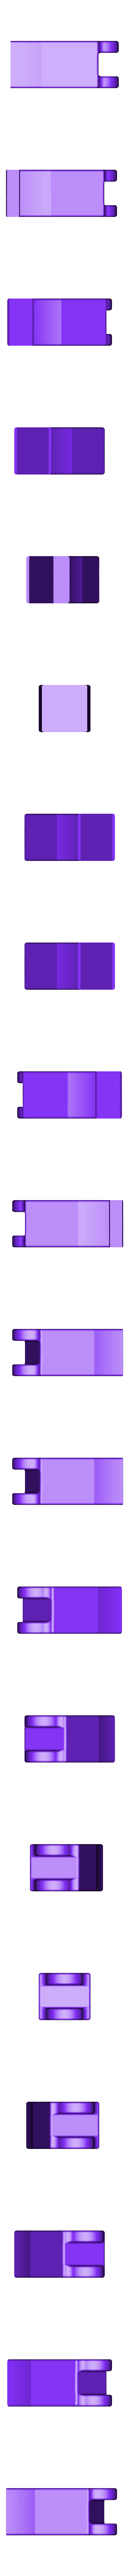 CLIP.stl Télécharger fichier STL gratuit Boîtes supplémentaires • Design imprimable en 3D, ernestwallon3D